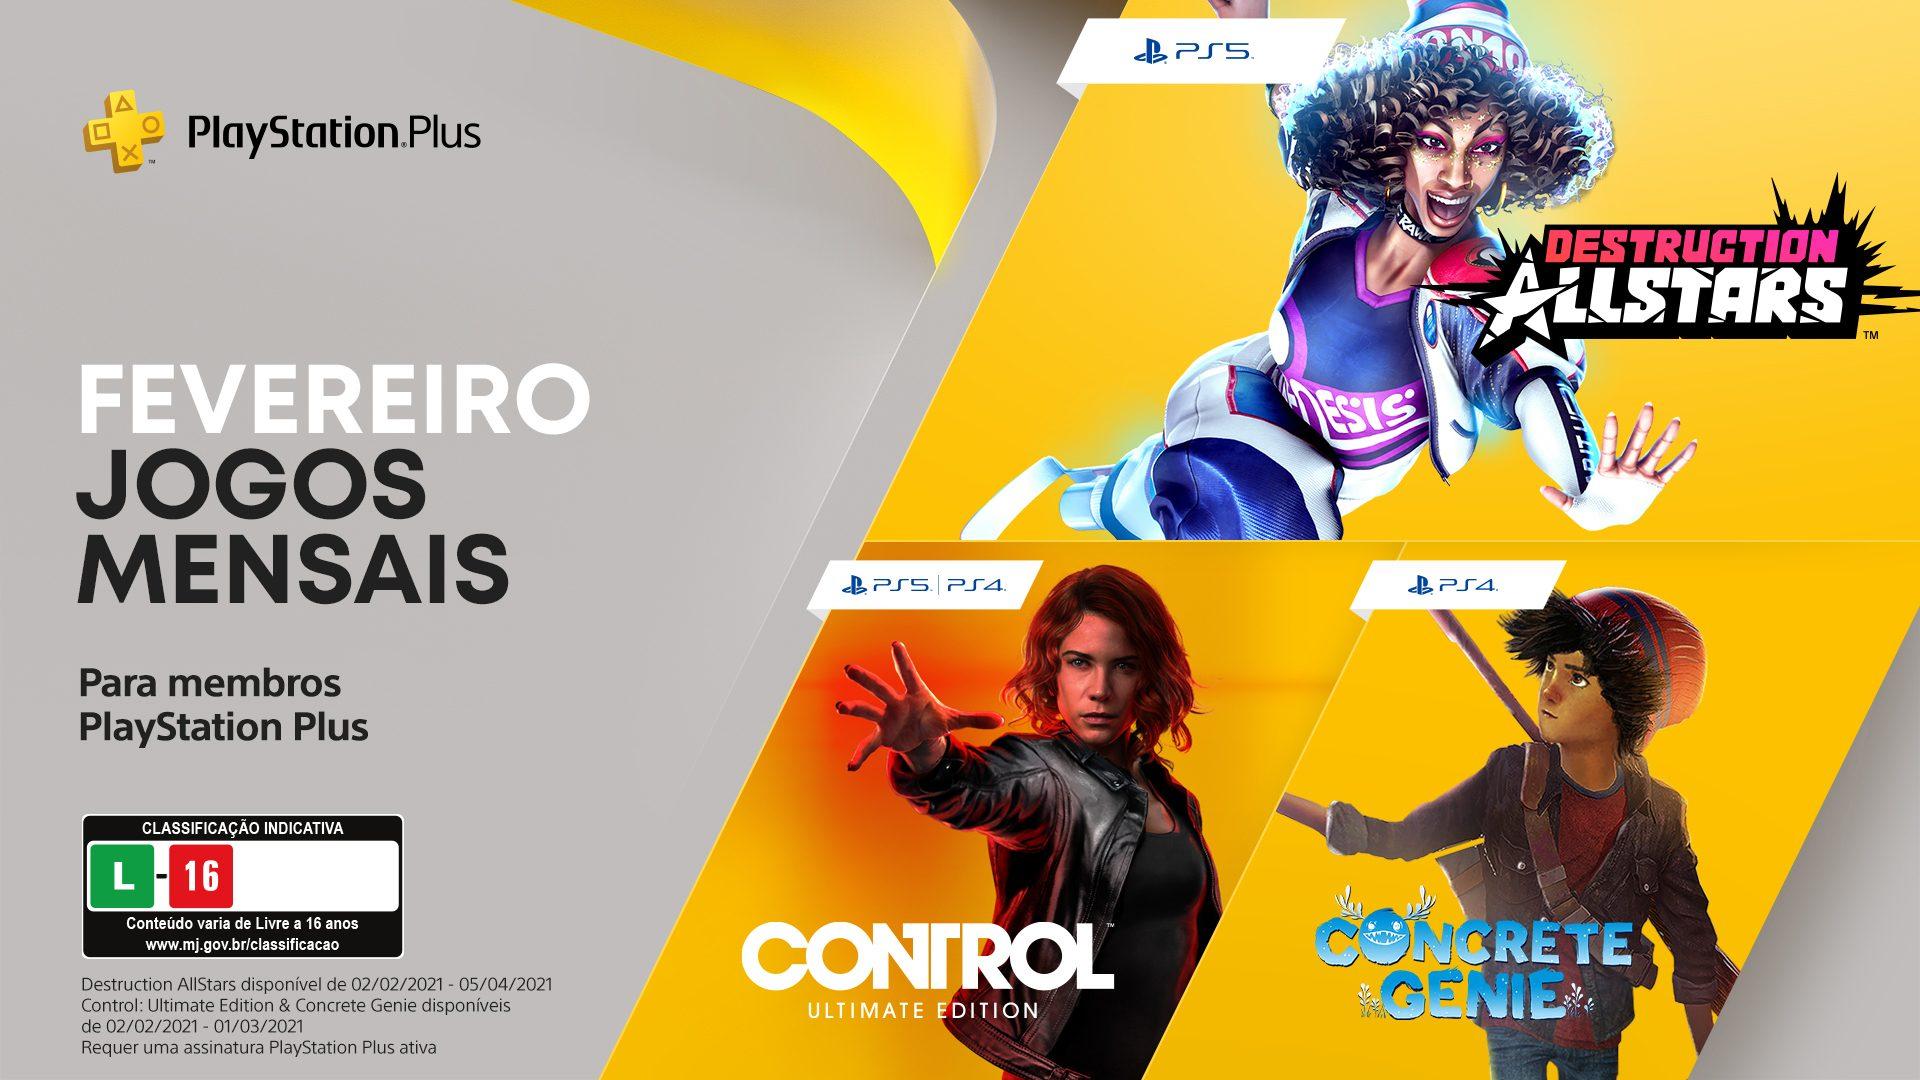 Jogos grátis para assinantes: Destruction AllStars,  Control Edição Ultimate e Concrete Genie.